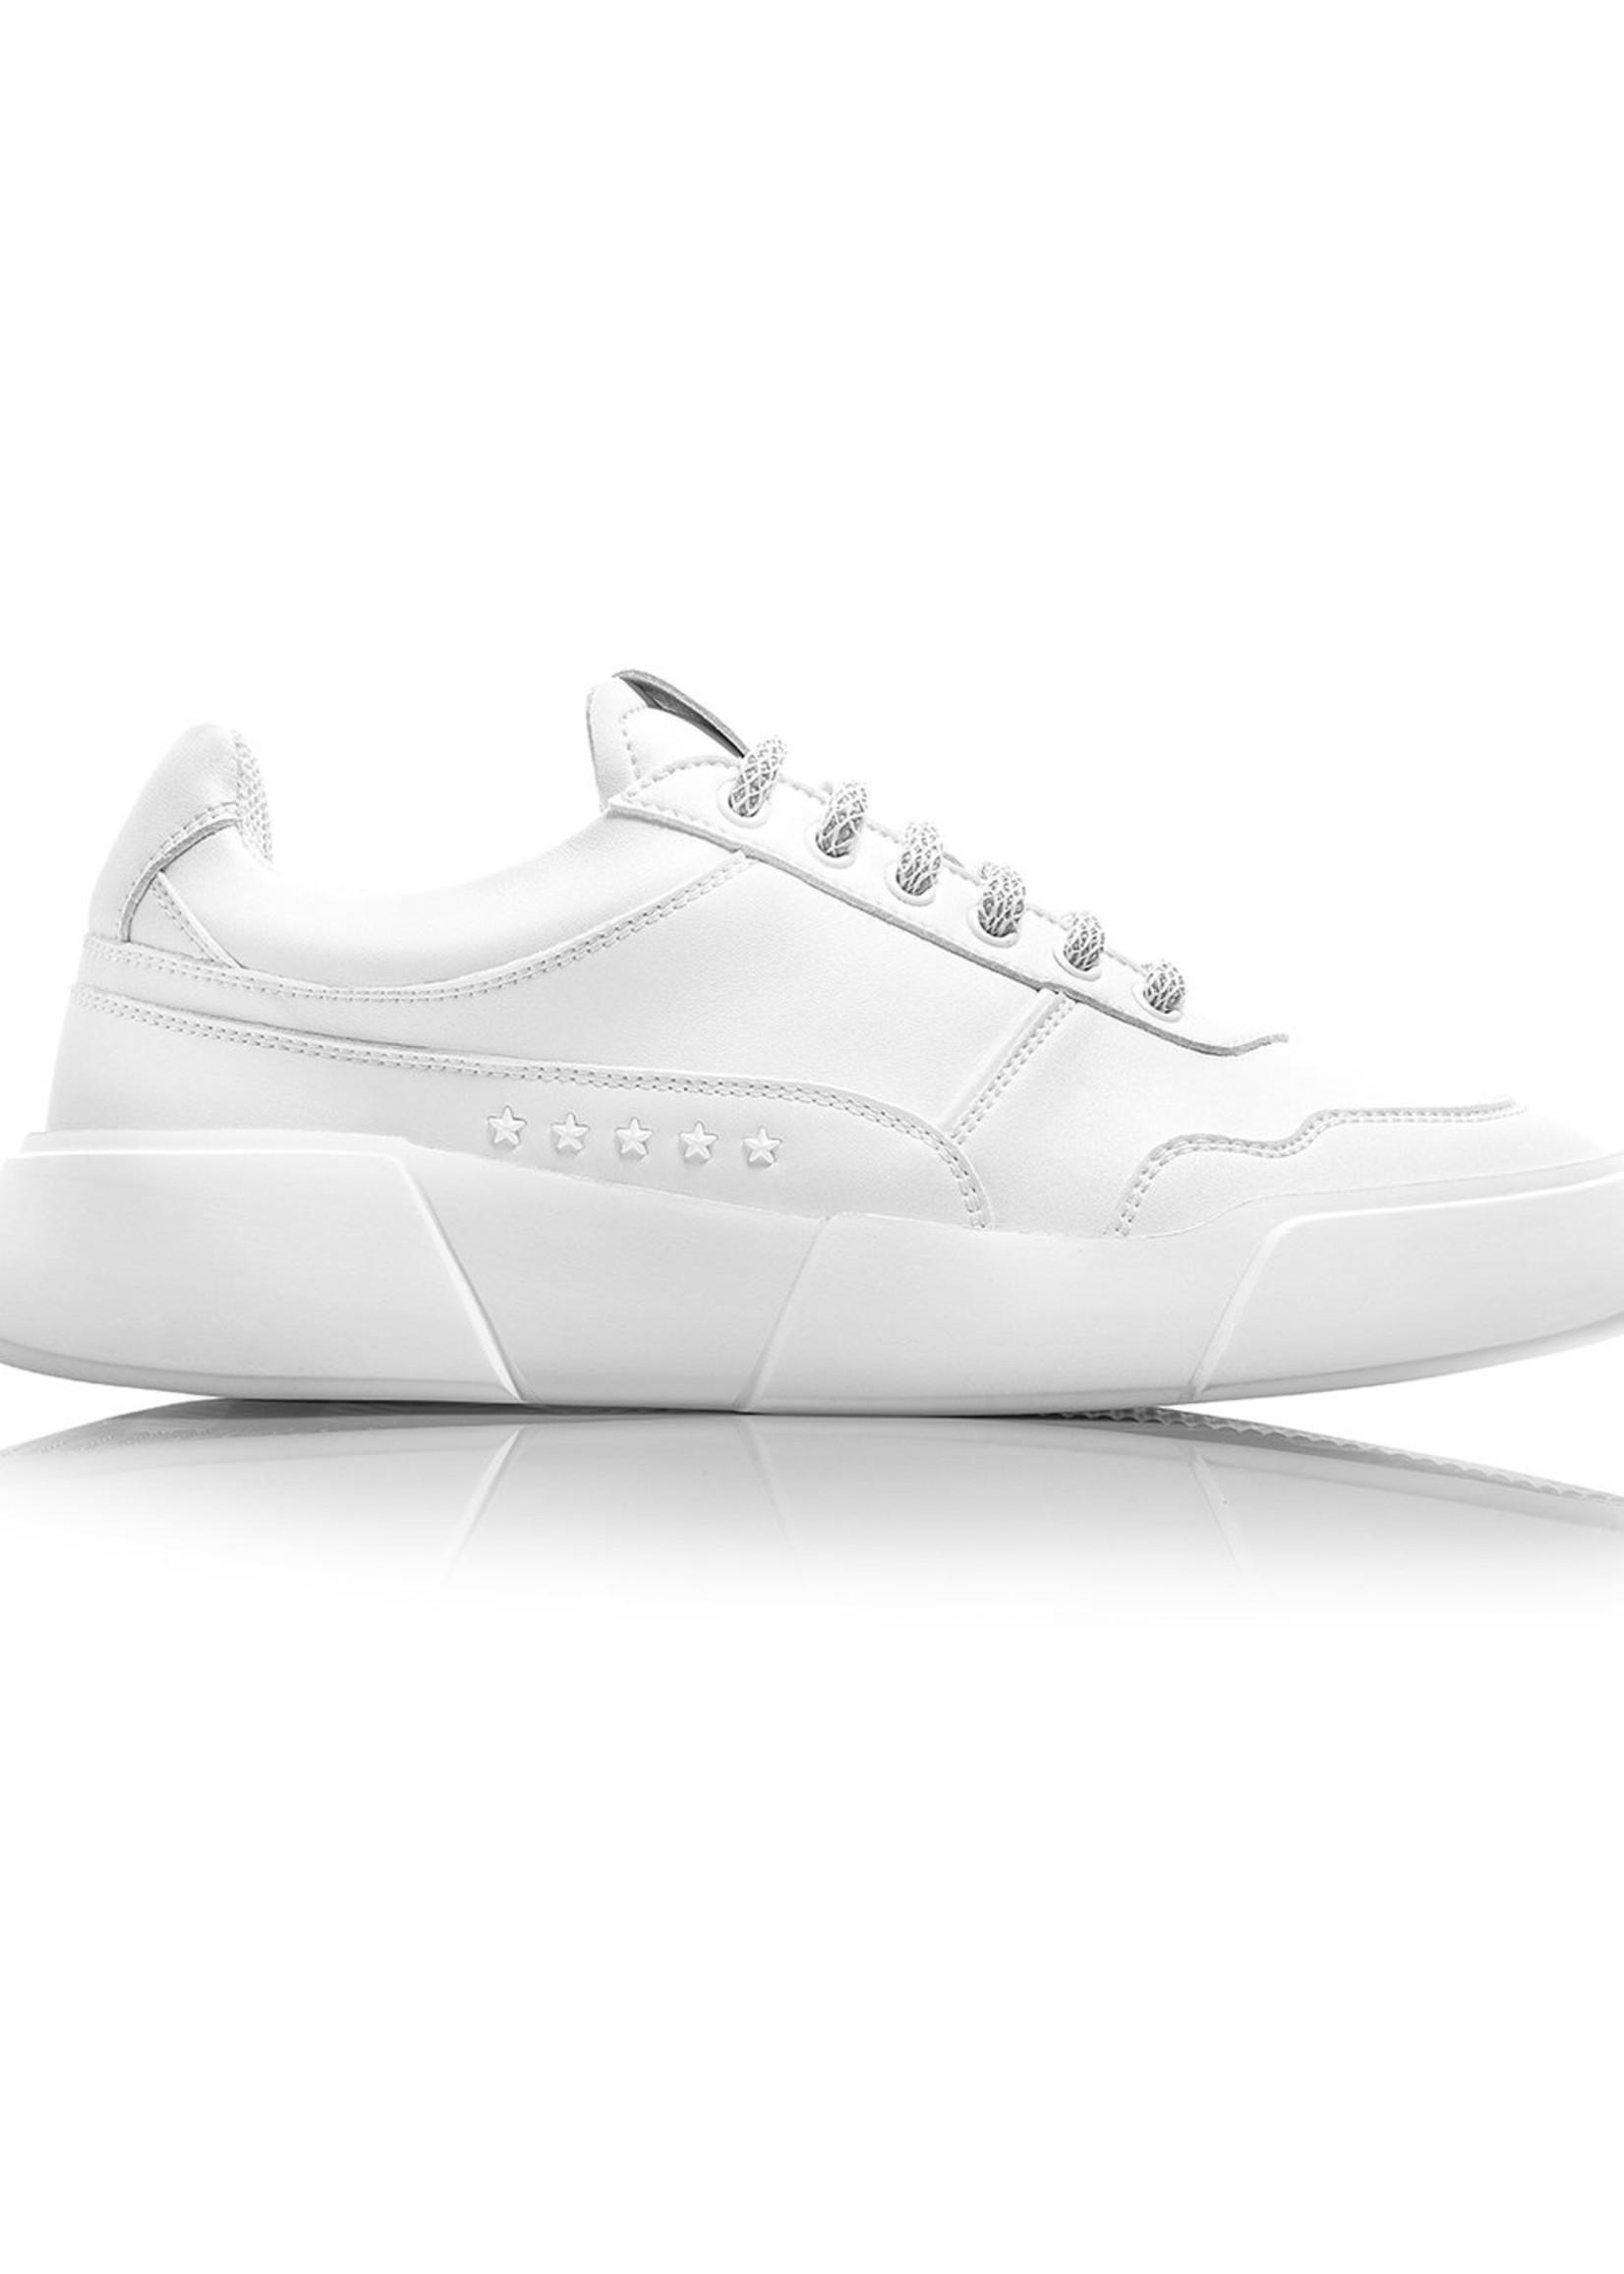 Premium Basics Premium basics  sneaker show white